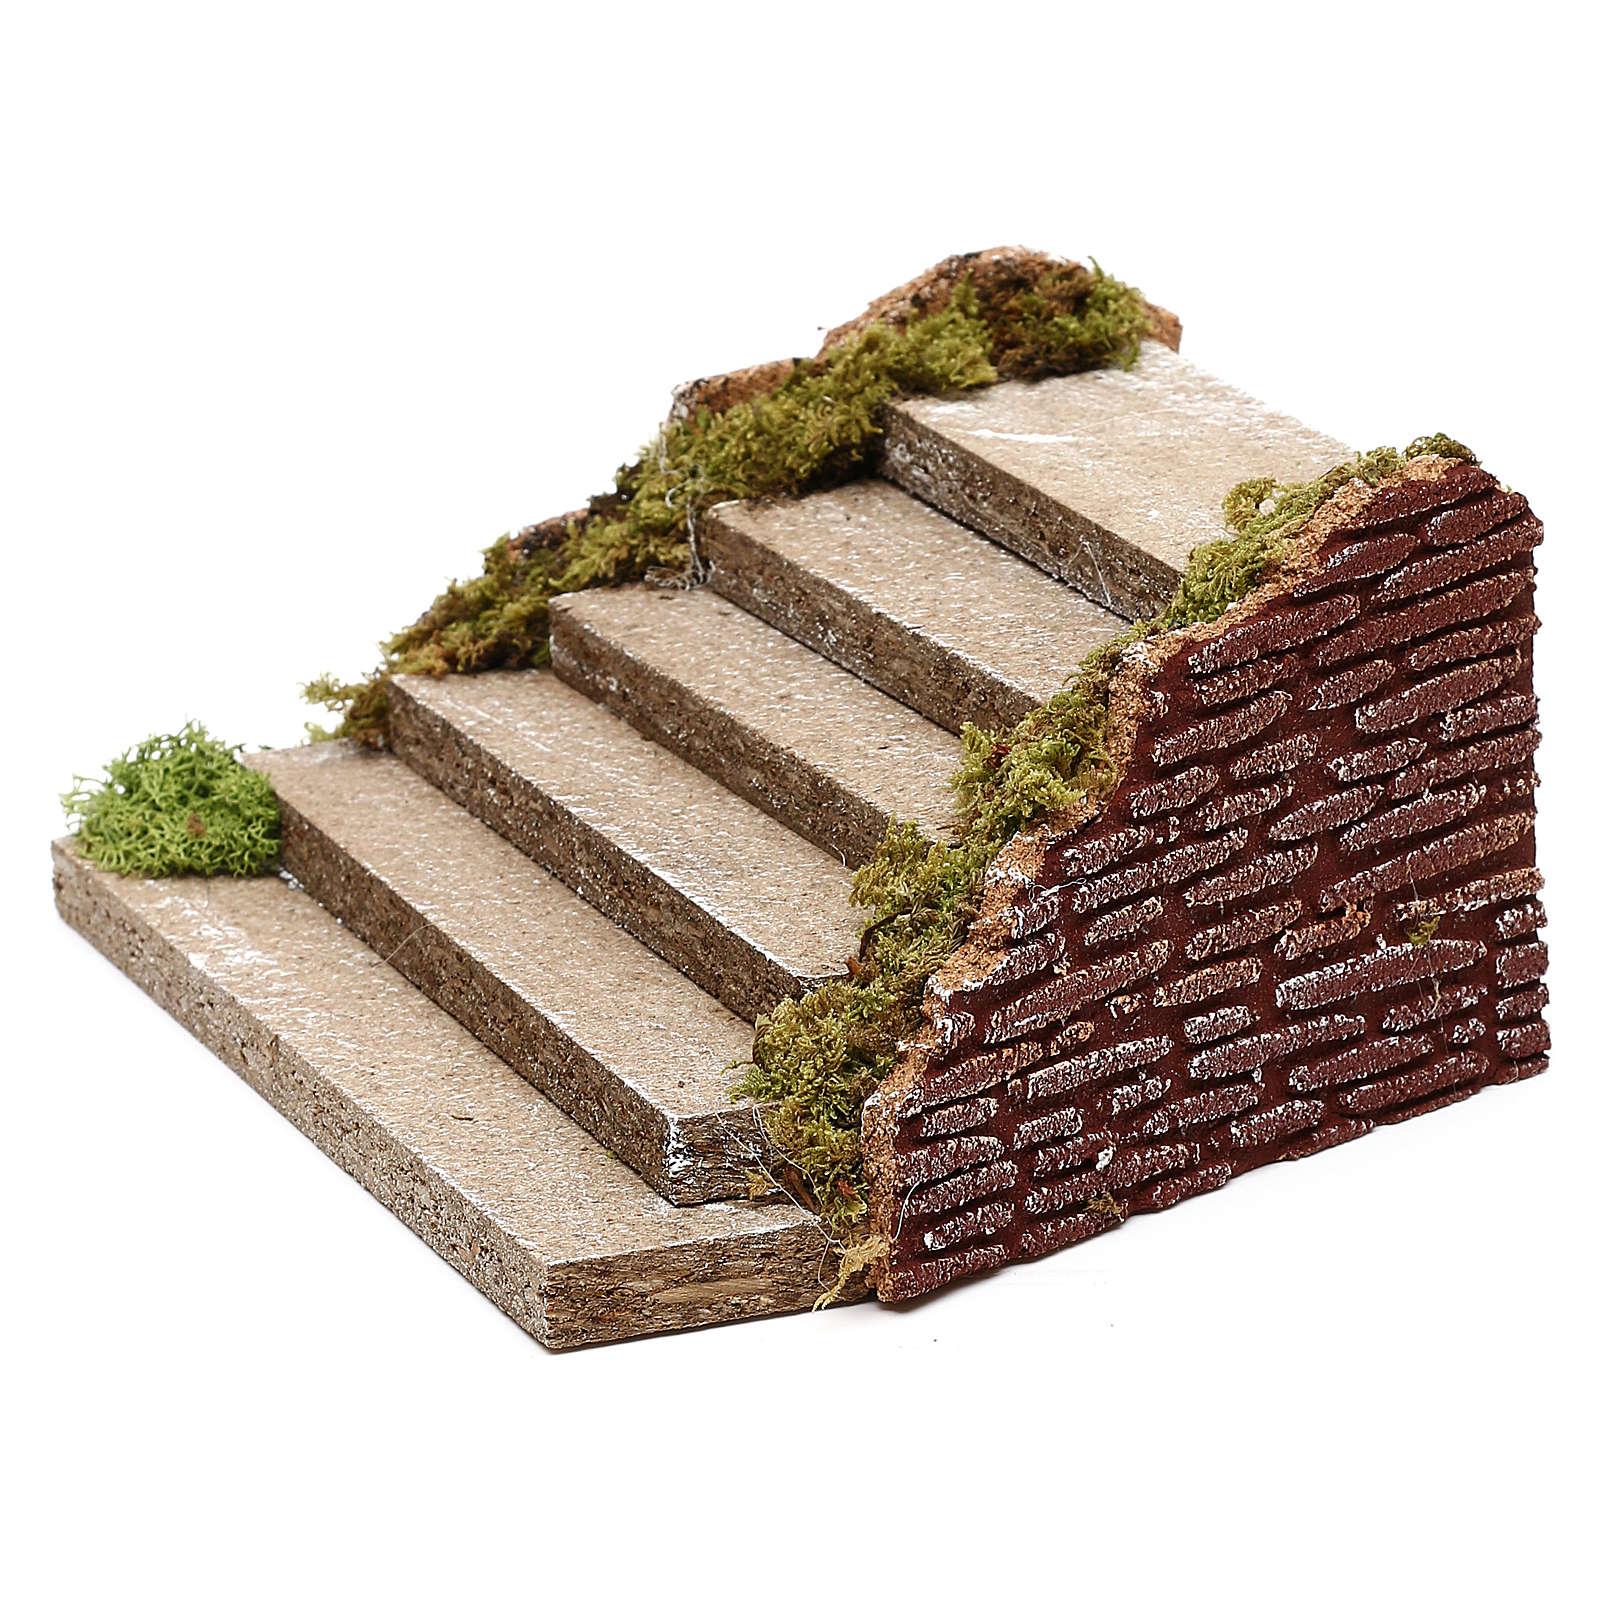 Escalier en bois avec mousse pour crèche 5x20x15 cm 4